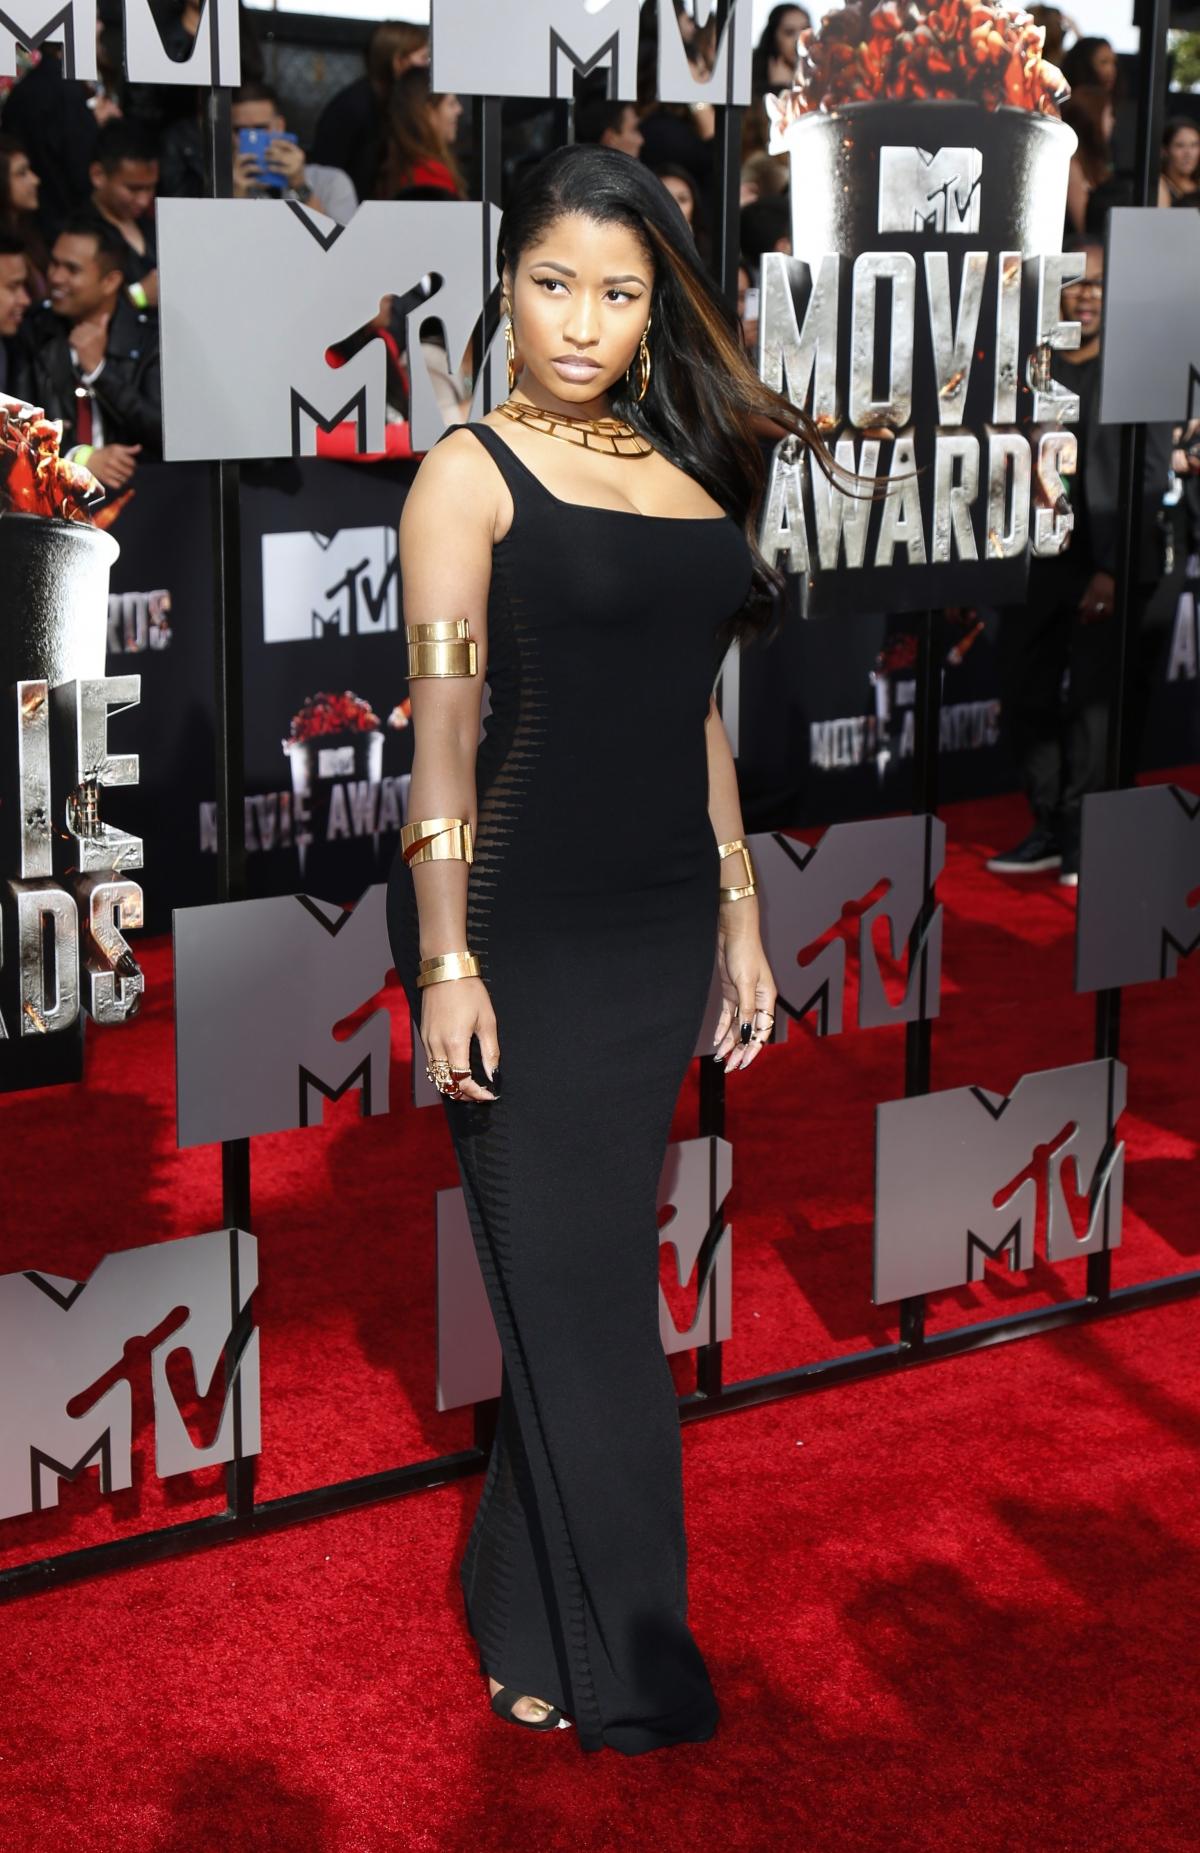 Rapper Nicki Minaj arrives at the 2014 MTV Movie Awards in Los Angeles, California.